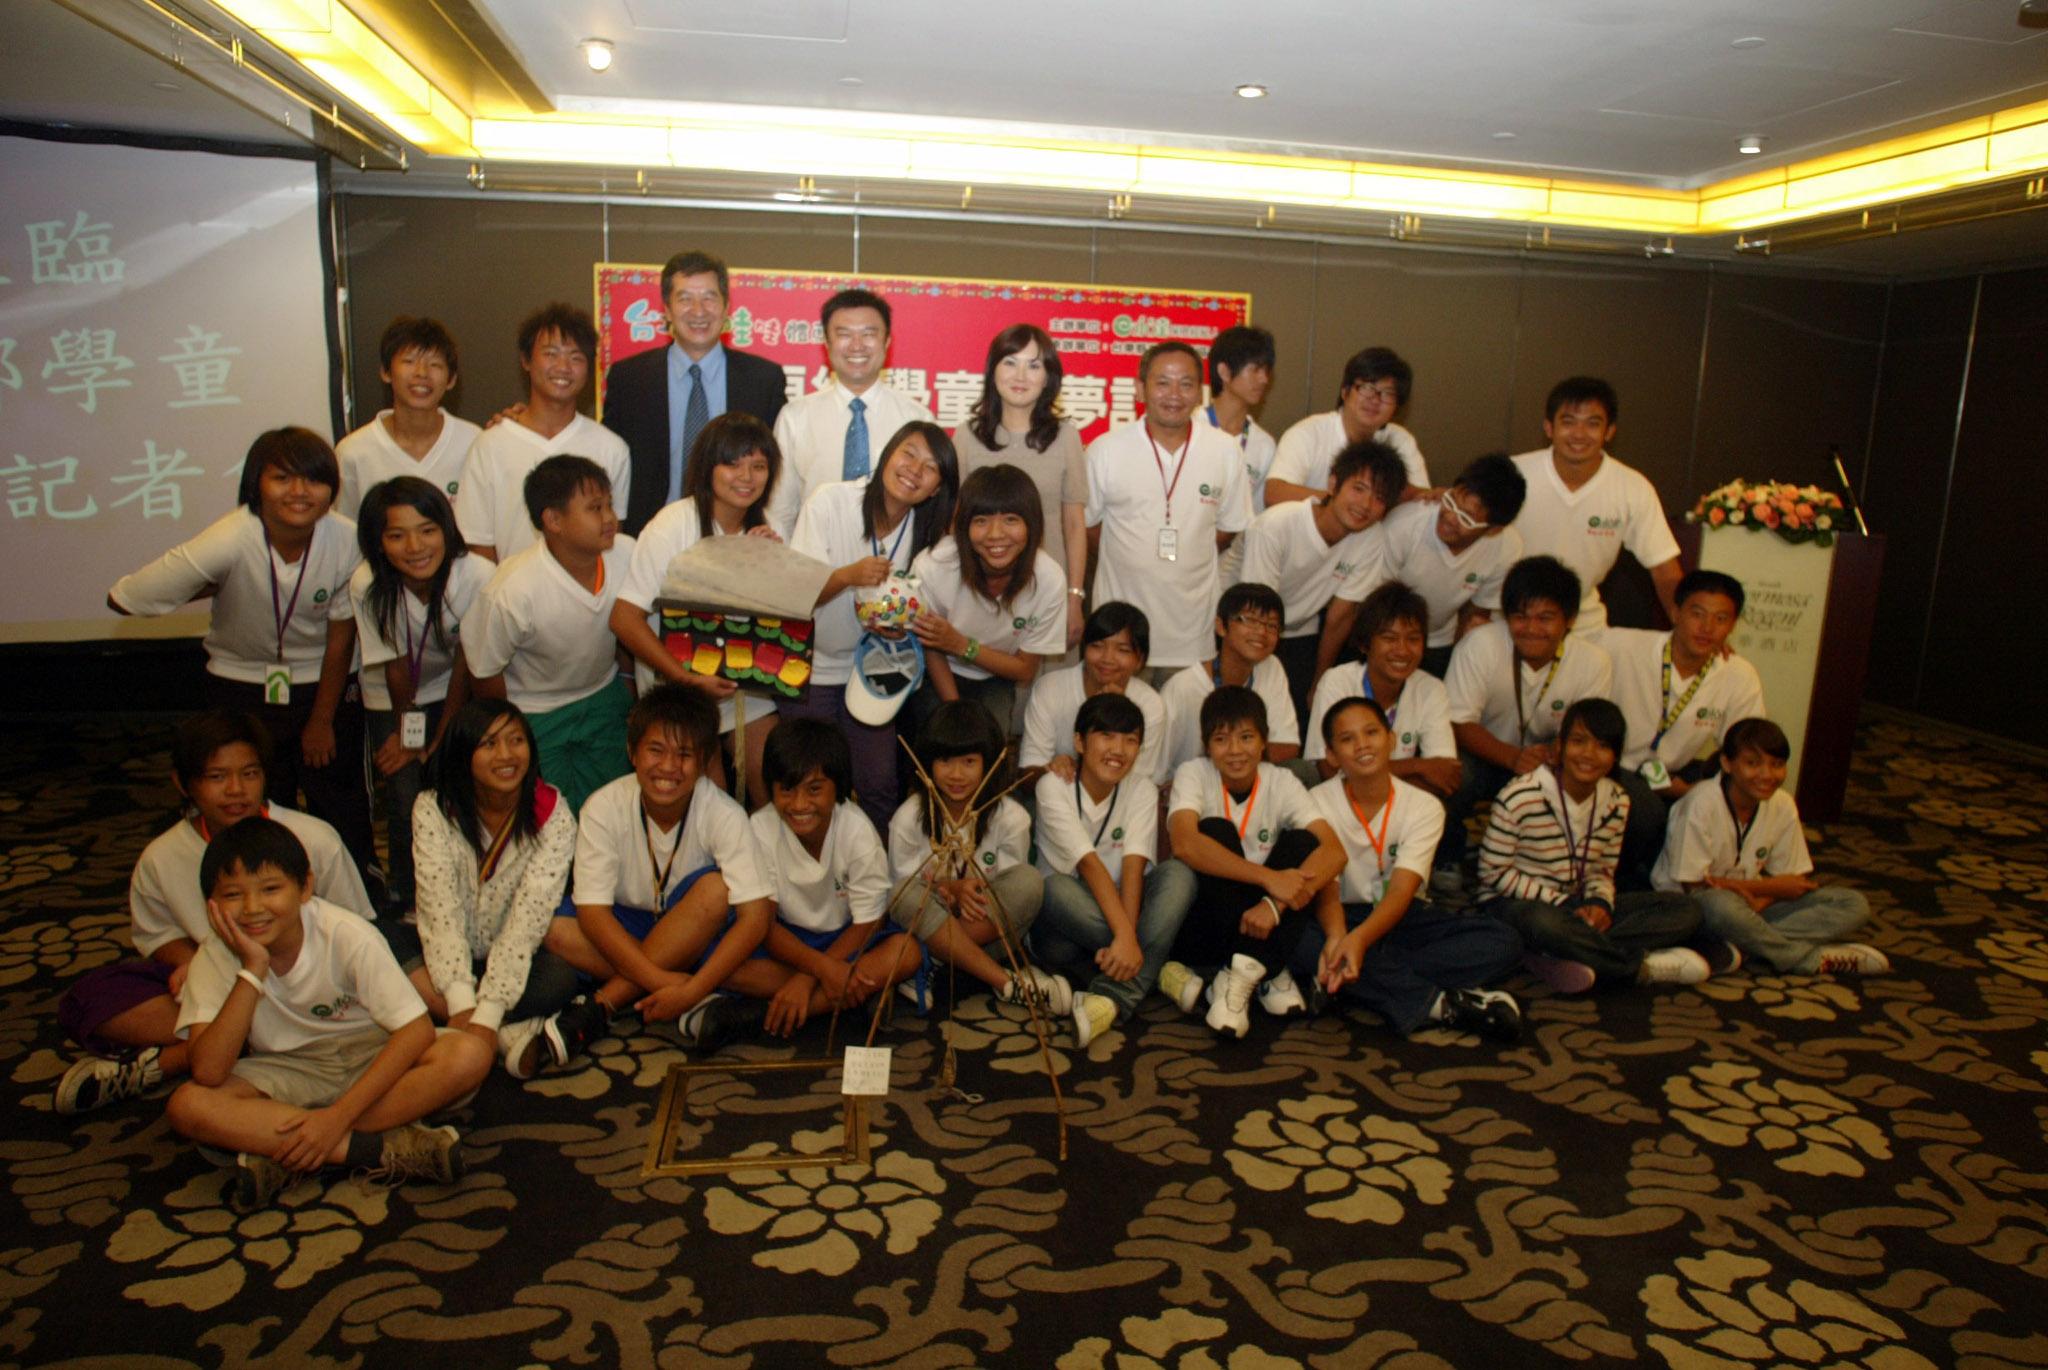 參加「第二屆台東原民學童築夢計劃」學童大合照。